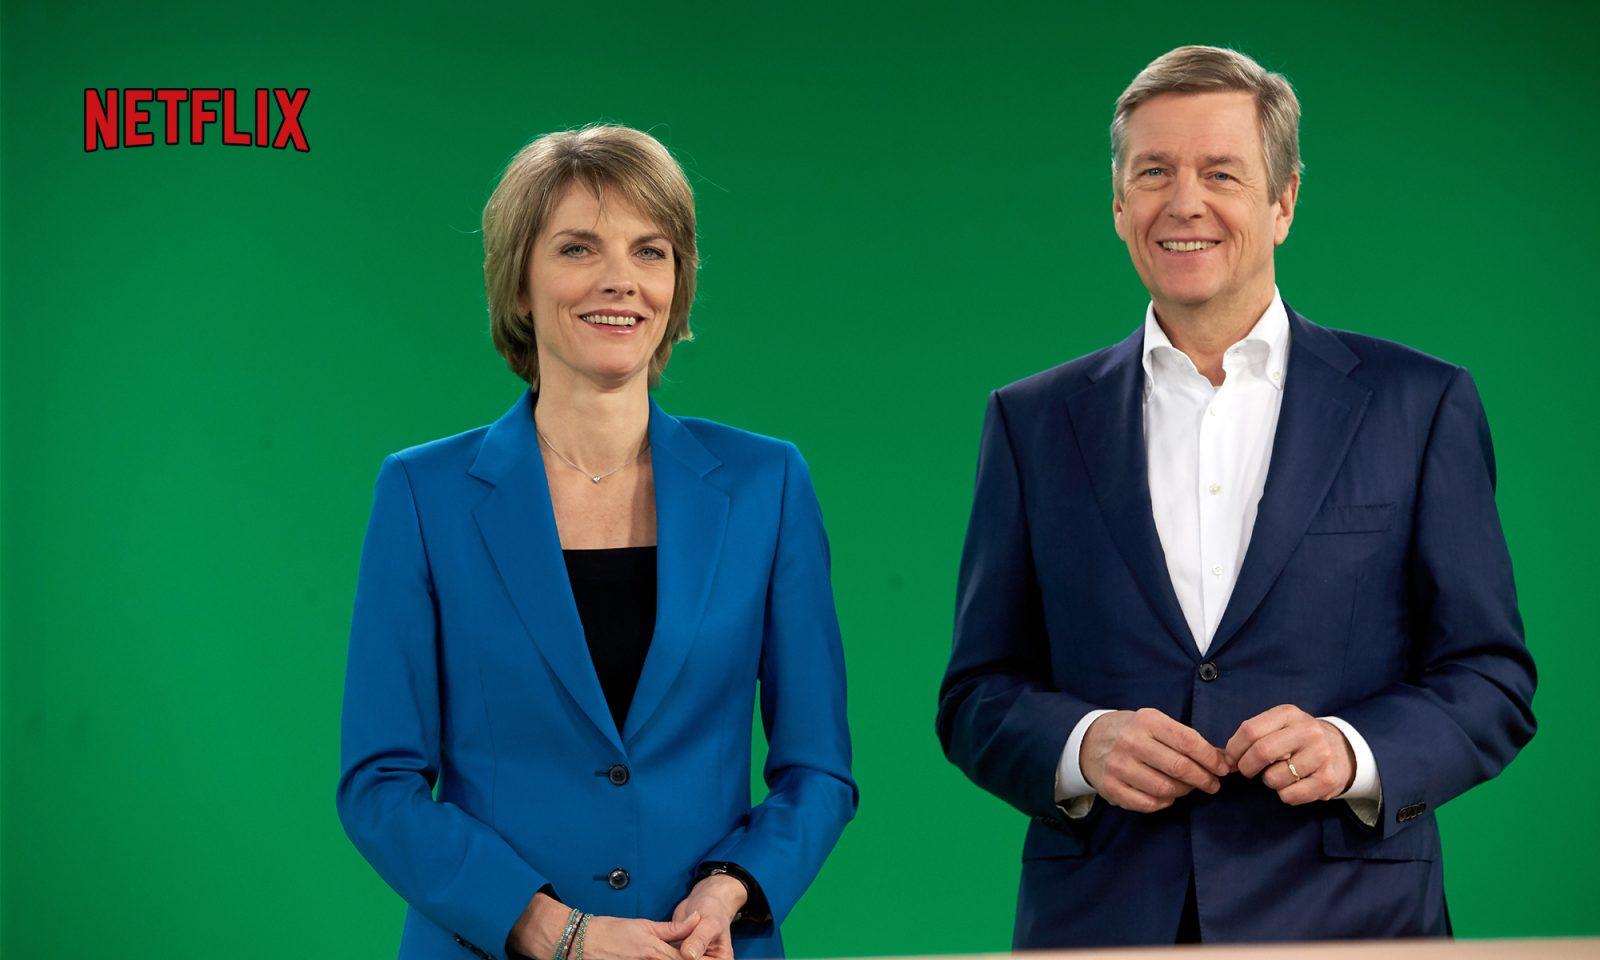 ZDF-Moderatoren Moderatoren Marietta Slomka und Claus Kleber